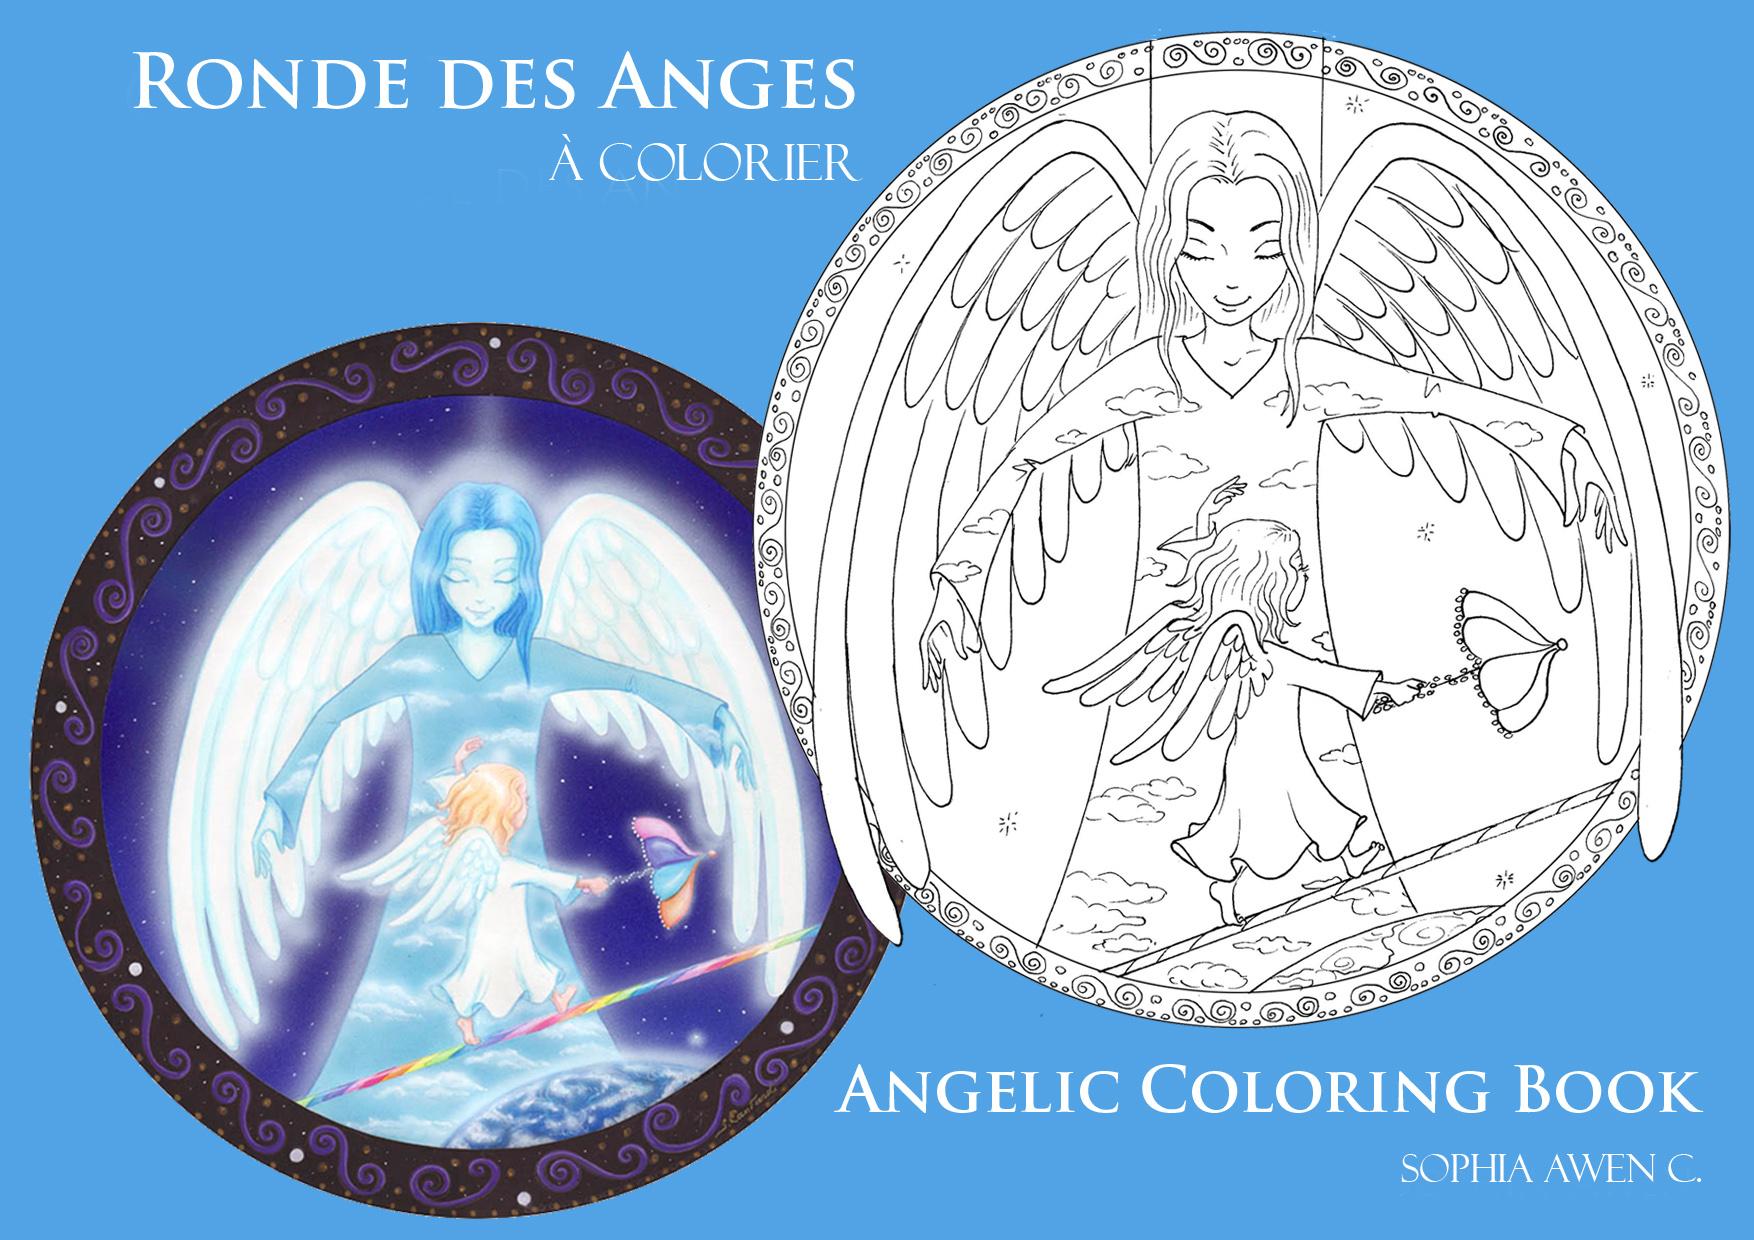 Les Coloriages de la Ronde des Anges